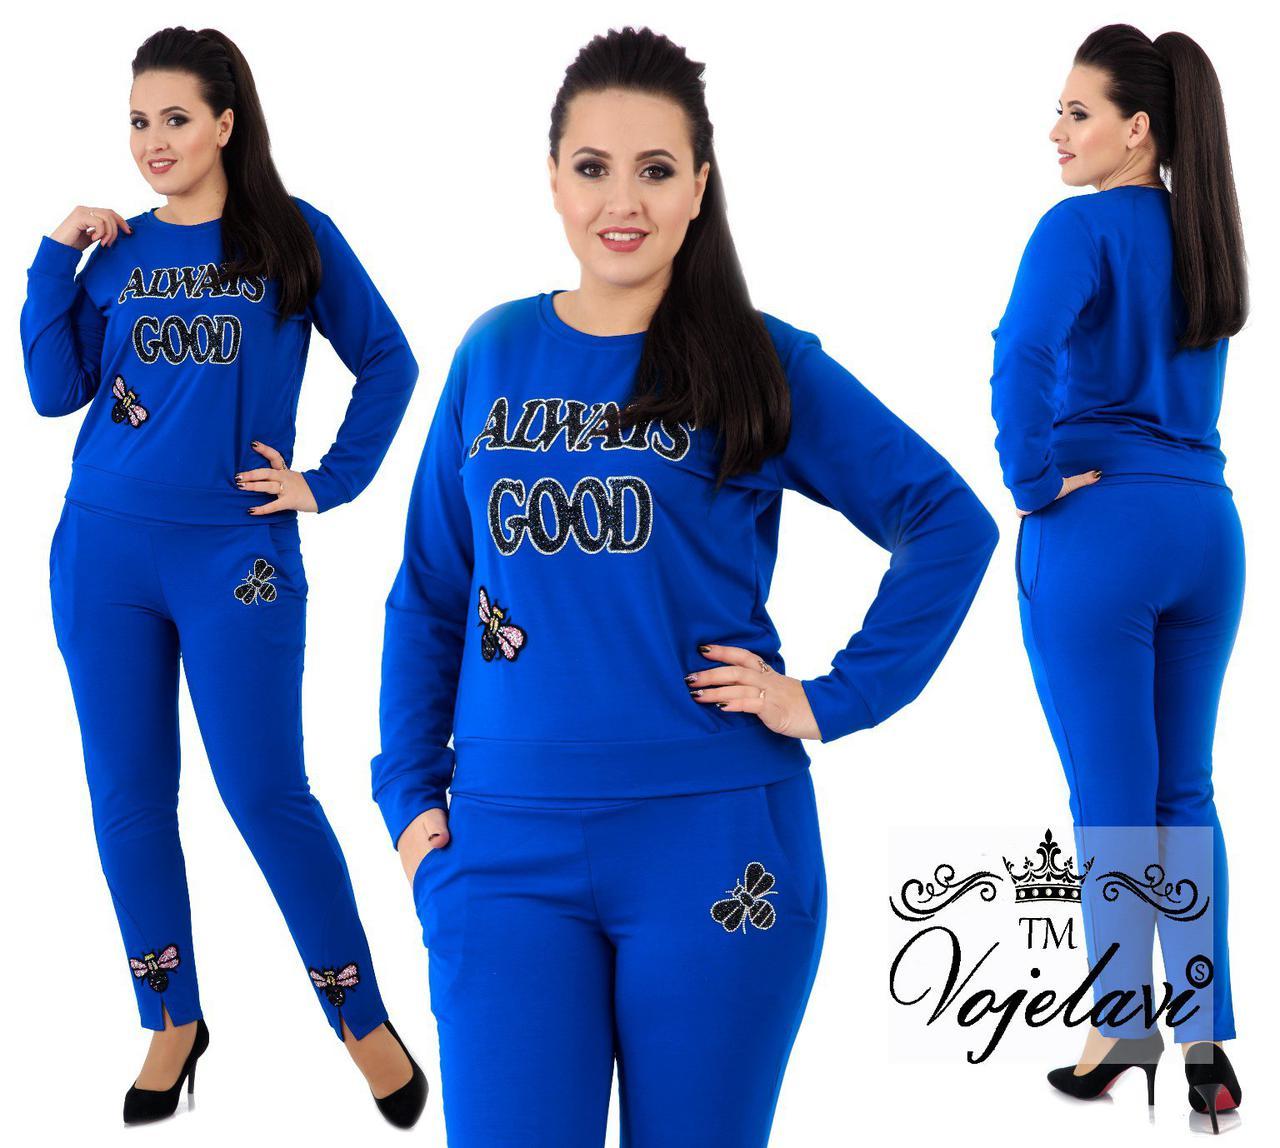 54d9cb3aa5430 Женский электрик спортивный костюм большого размера пр-во Украина 1004G